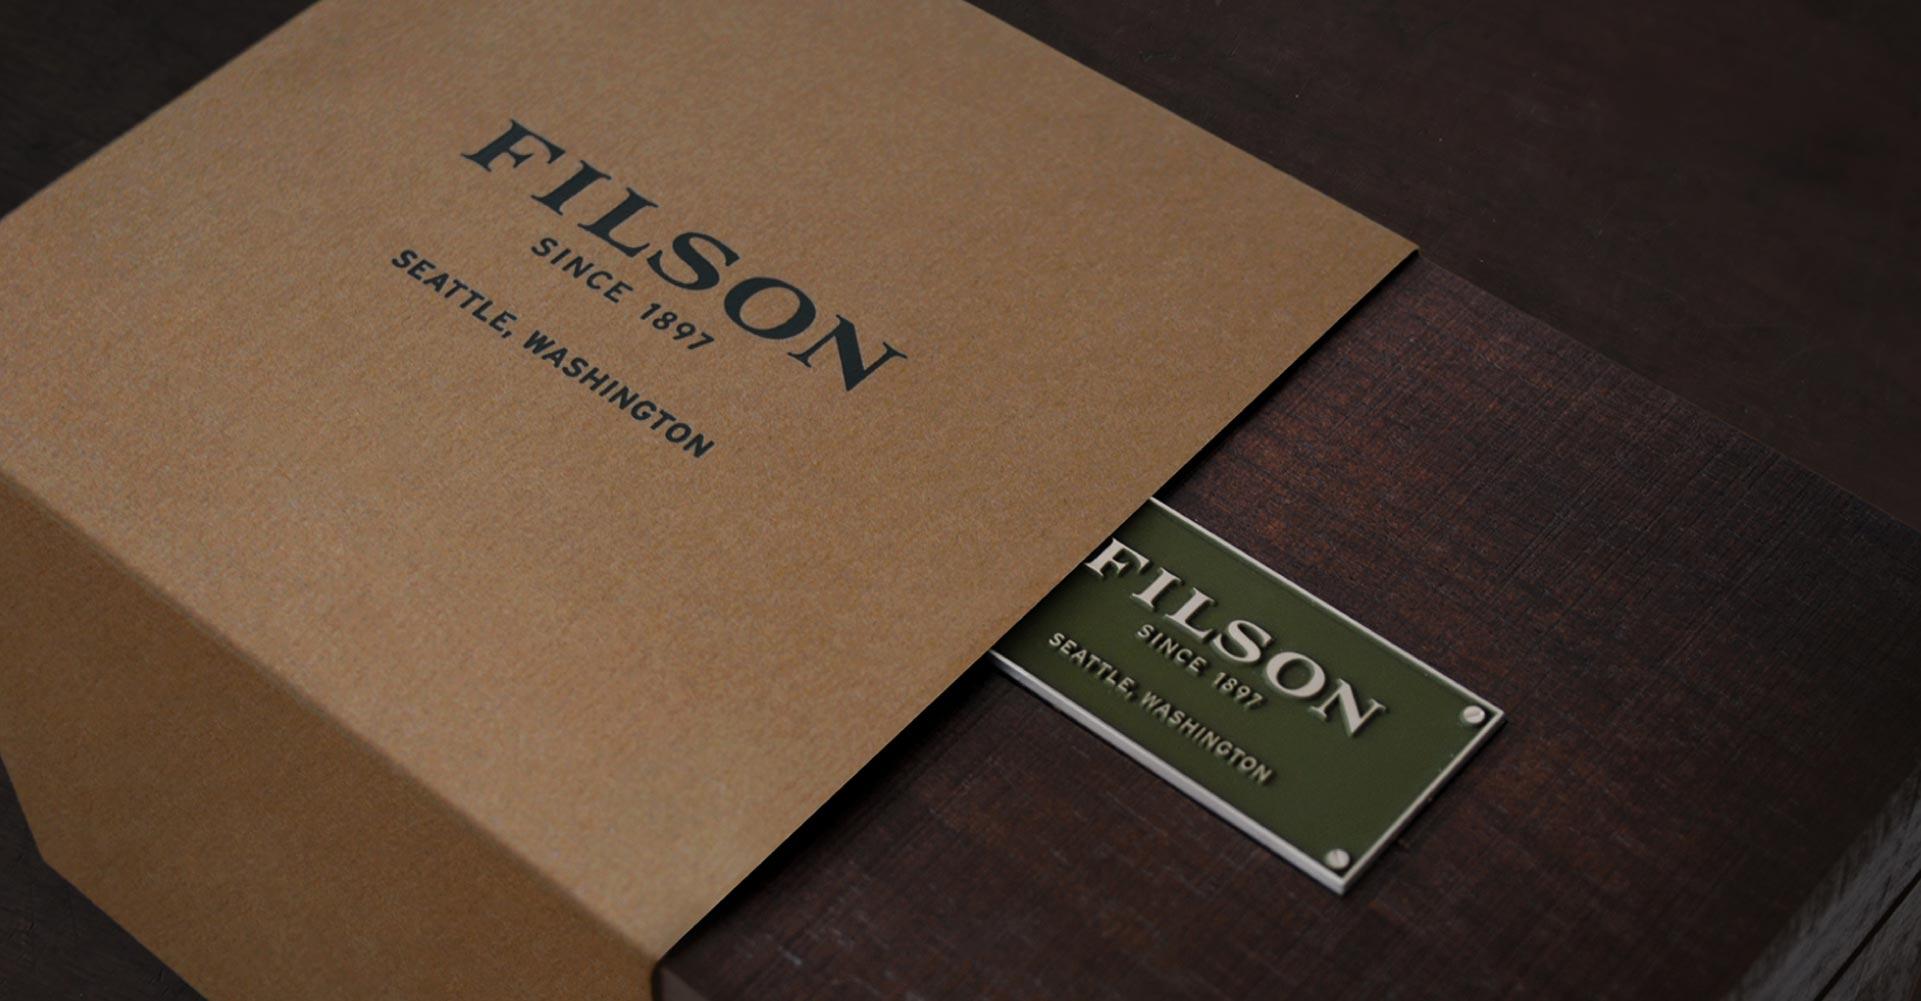 Creative_Retail_Packaging_PackageDesign_Custom_Filson_14-1.jpg